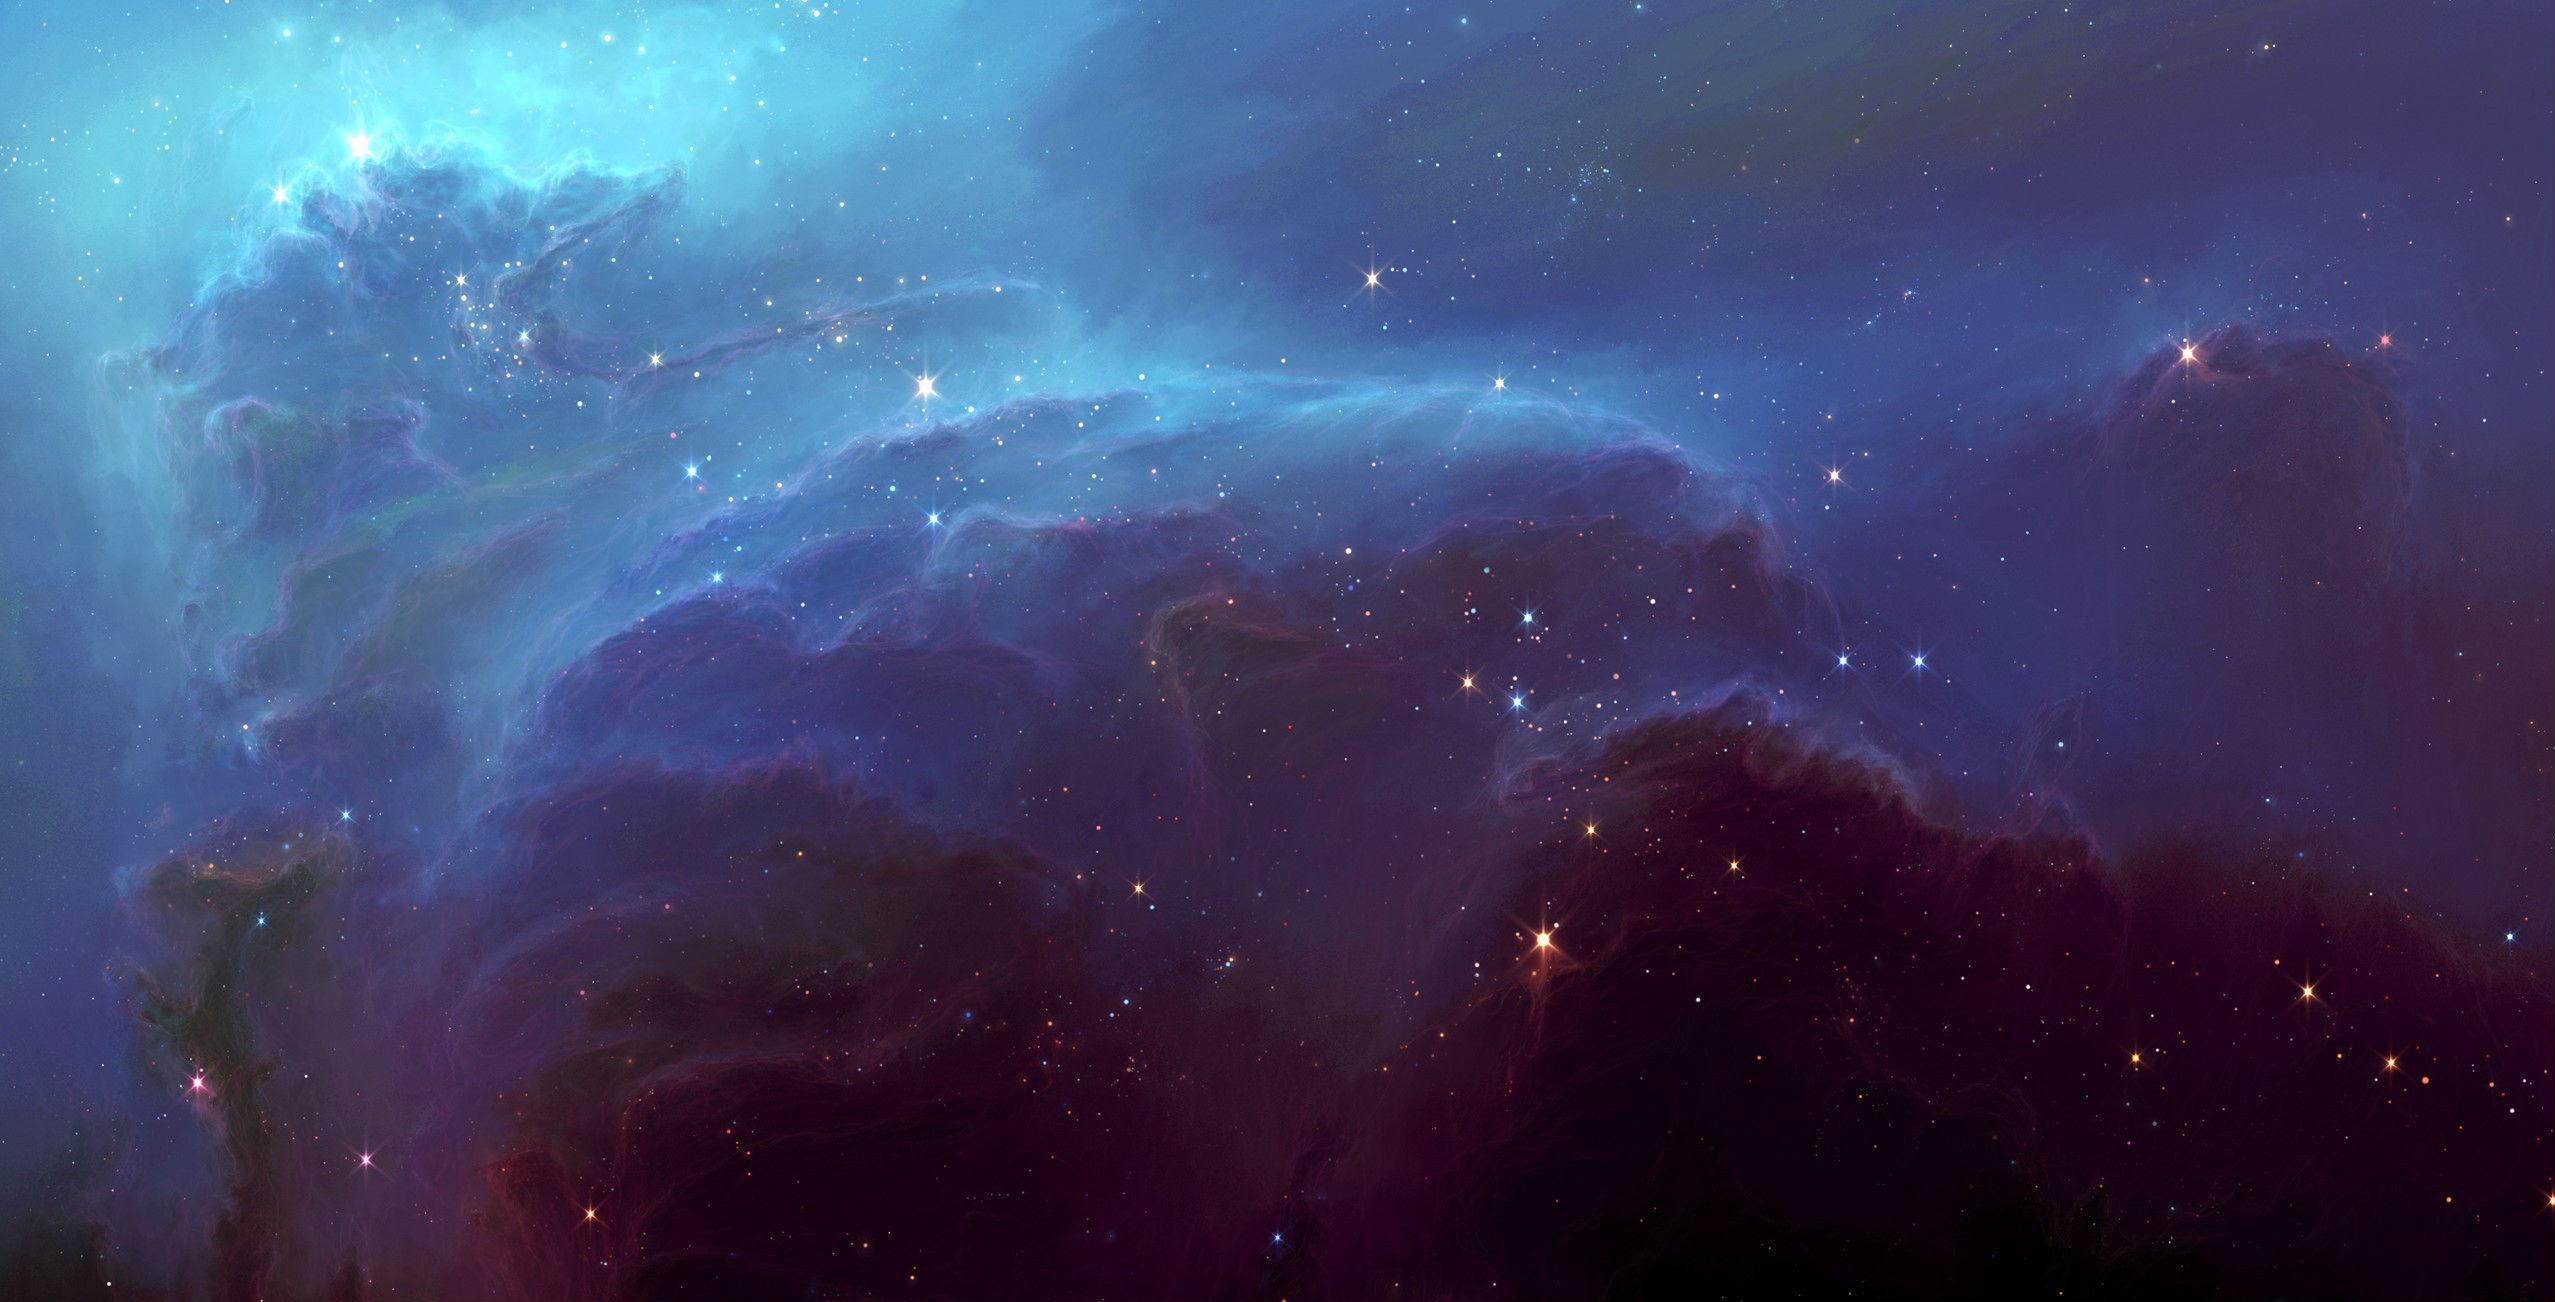 nebula hd wallpaper | background image | 2555x1302 | id:265686